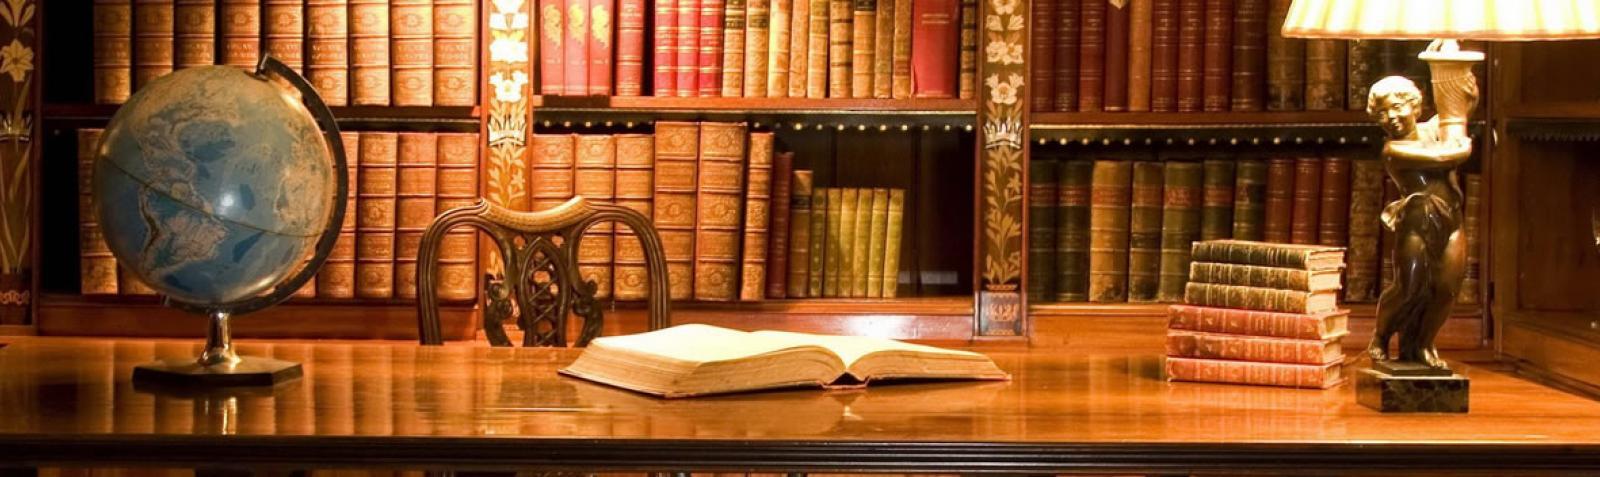 Libreria Itinerante